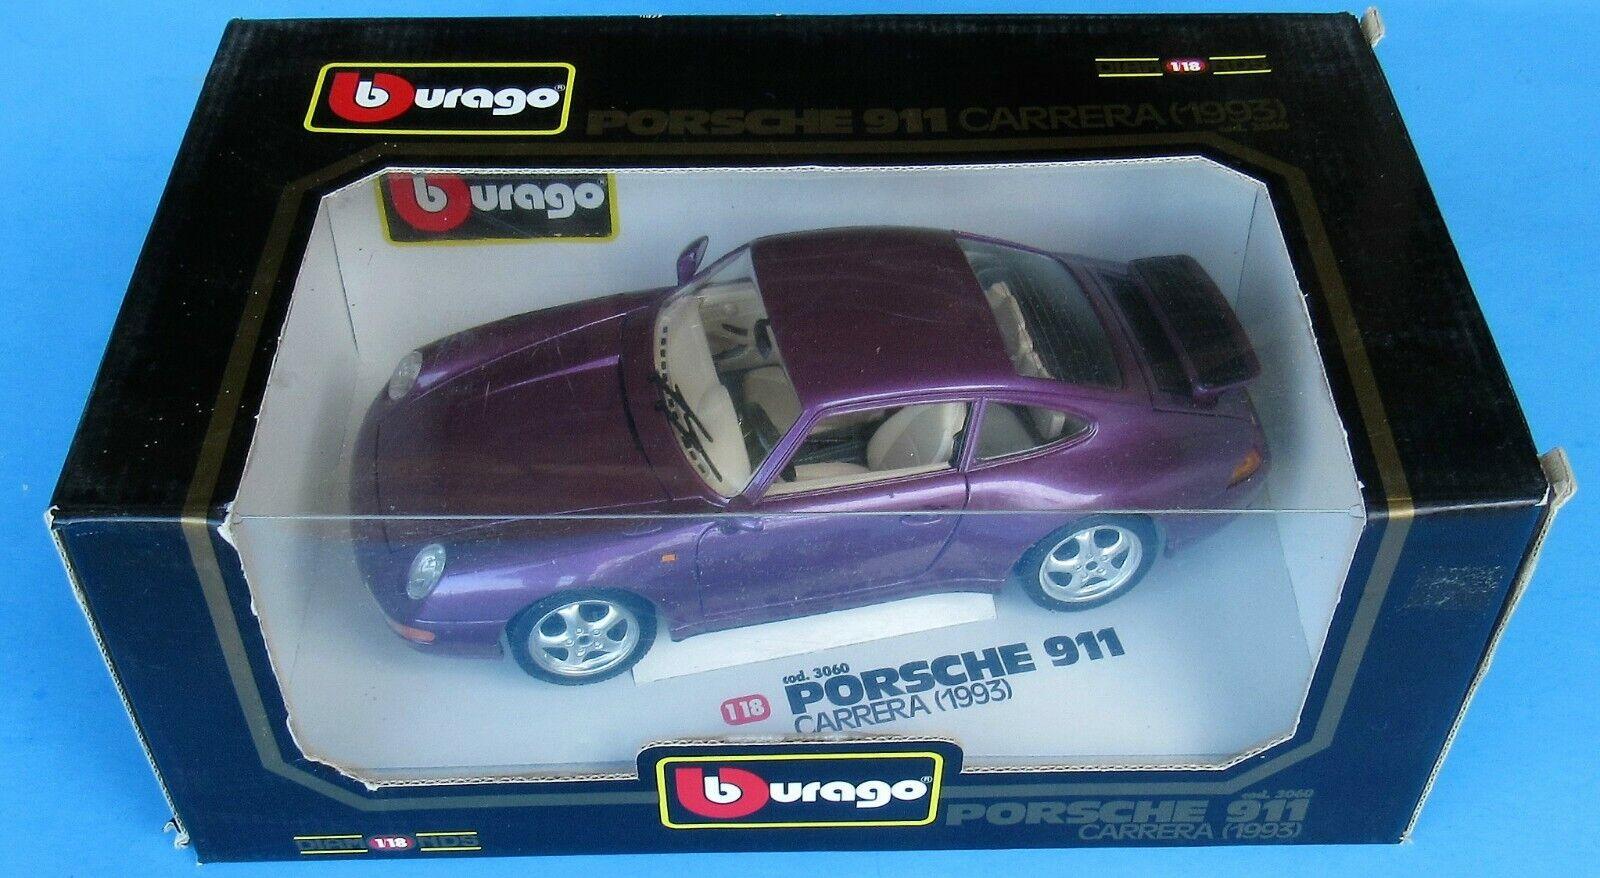 Bburago,3060 Porsche 911 bilrera 1993 Die -Cast modellllerler bil